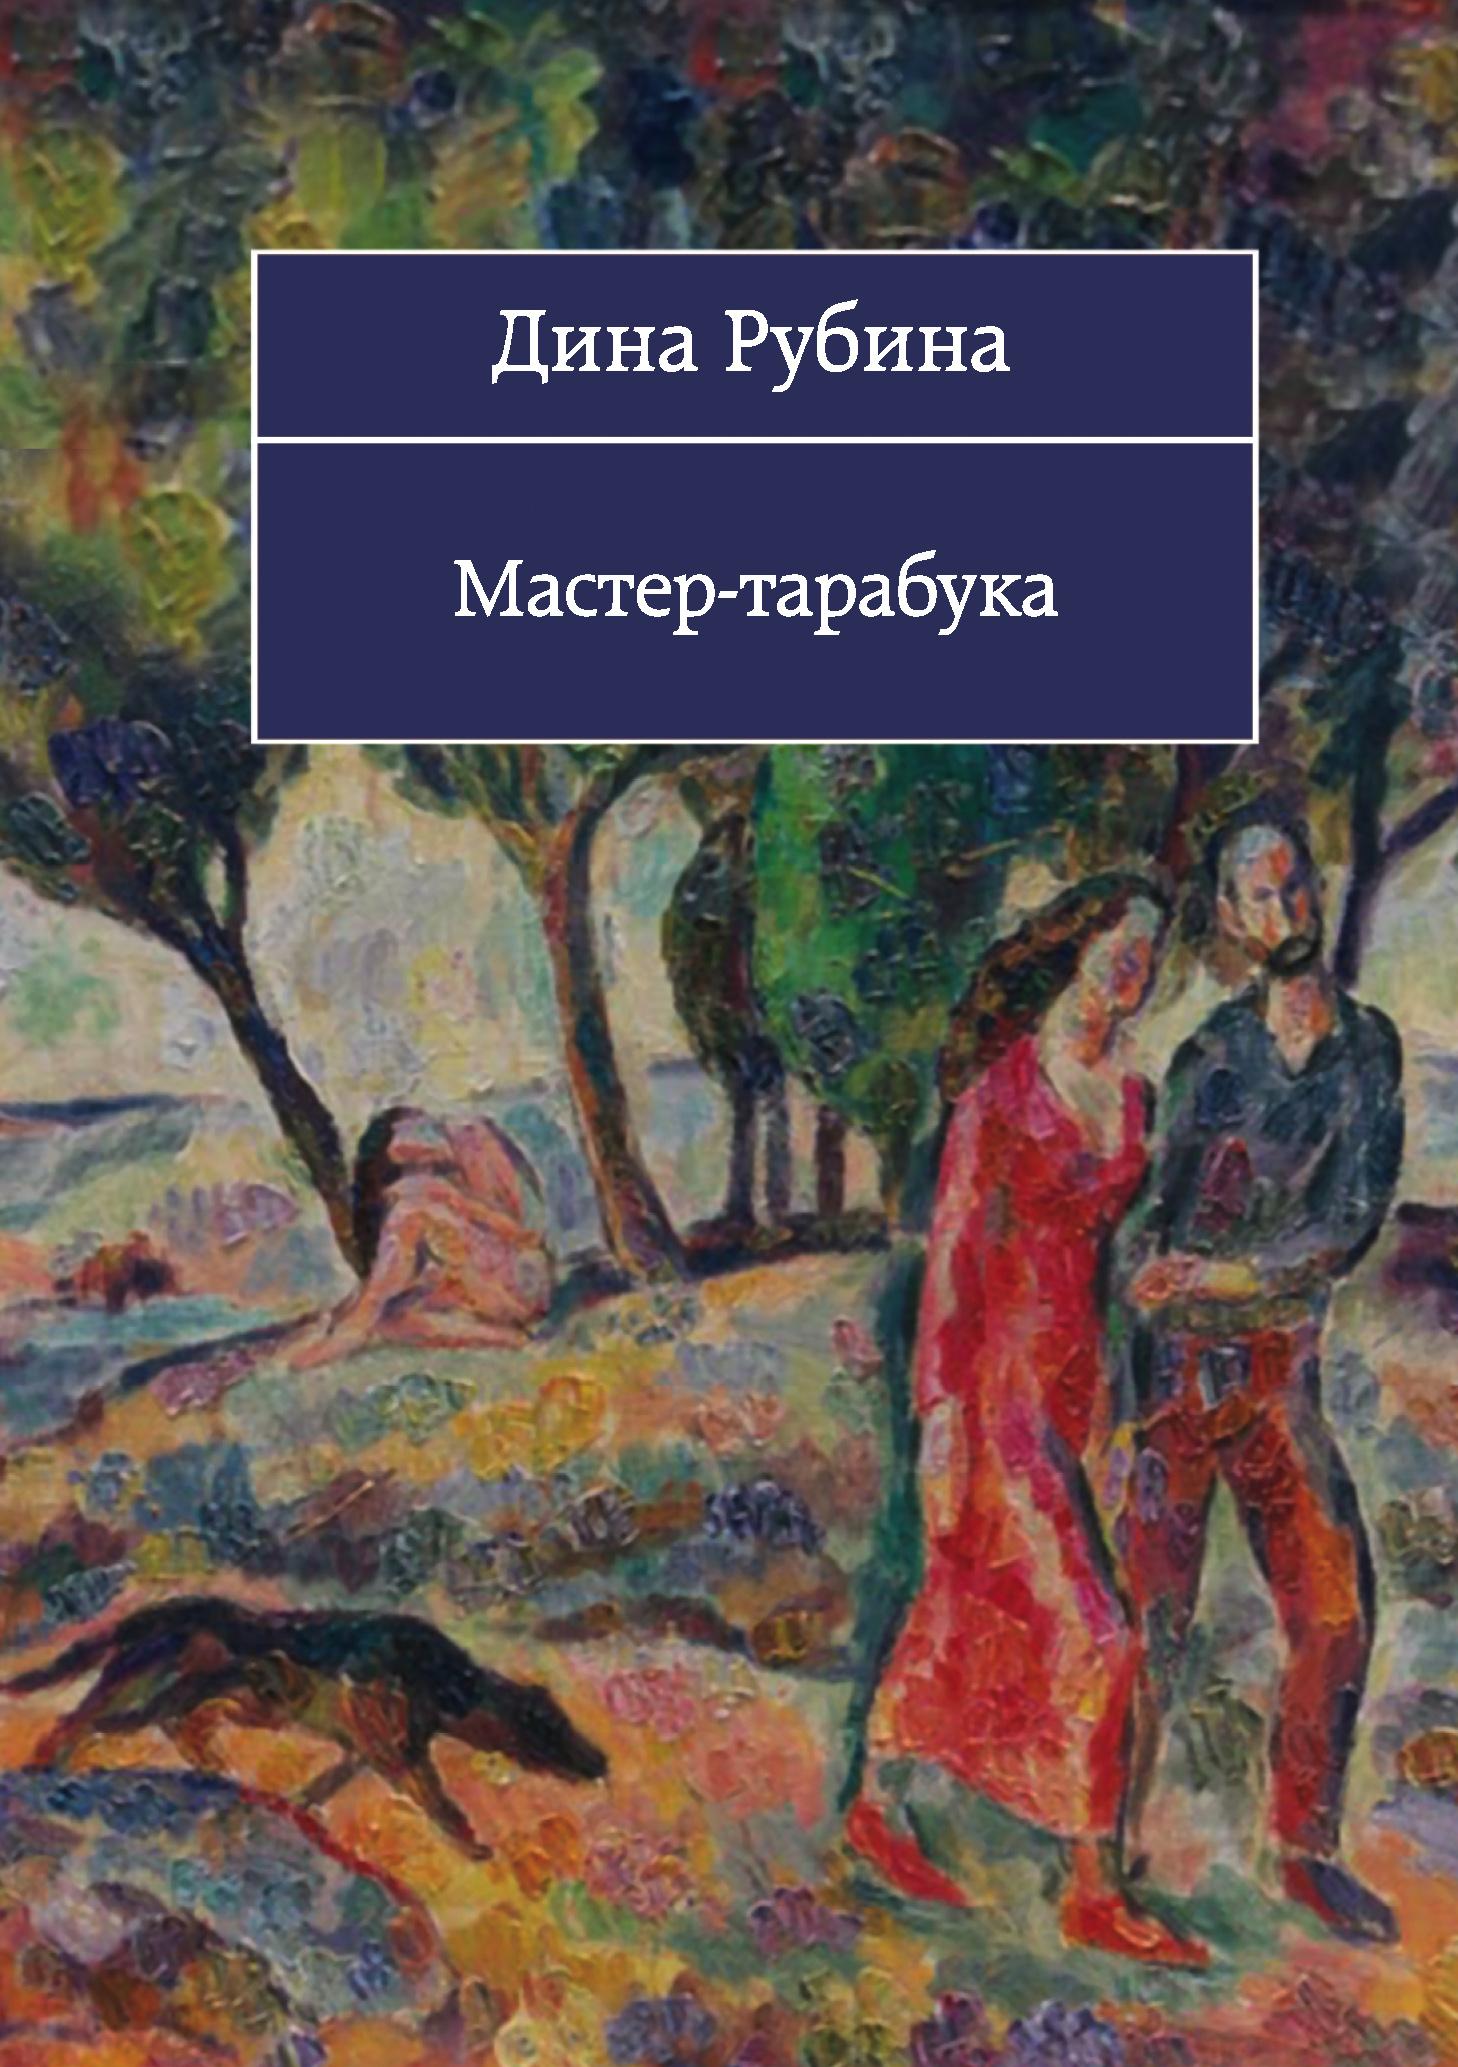 Дина Рубина Мастер-тарабука (сборник) дина рубина такая долгая жизнь две истории любви